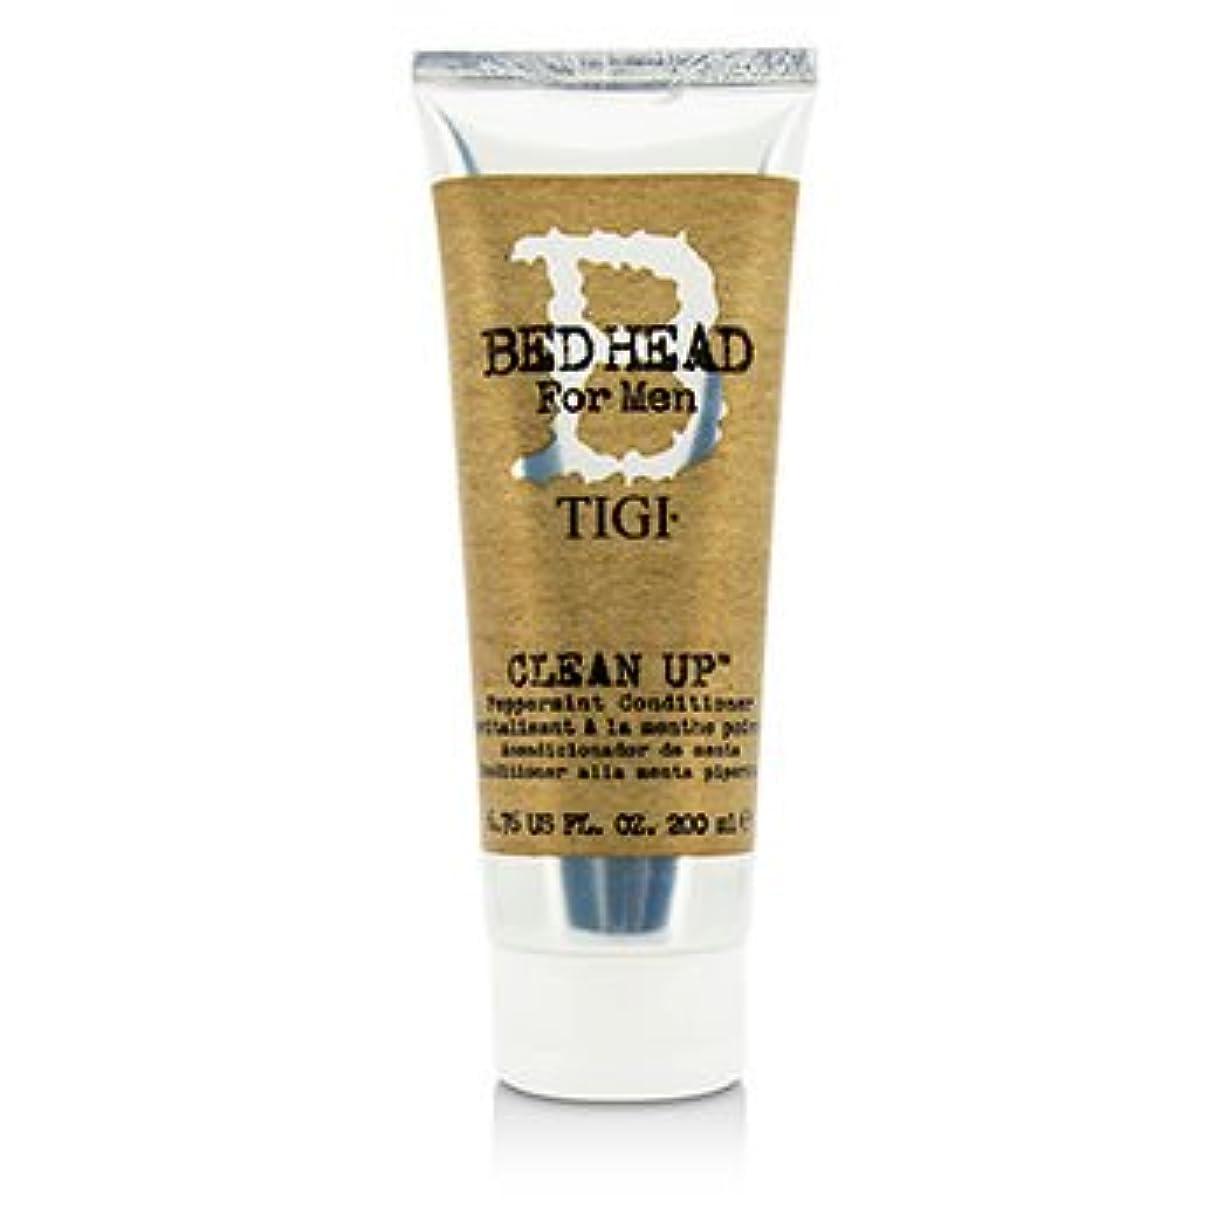 誘惑する空白混合した[Tigi] Bed Head B For Men Clean Up Peppermint Conditioner 200ml/6.76oz